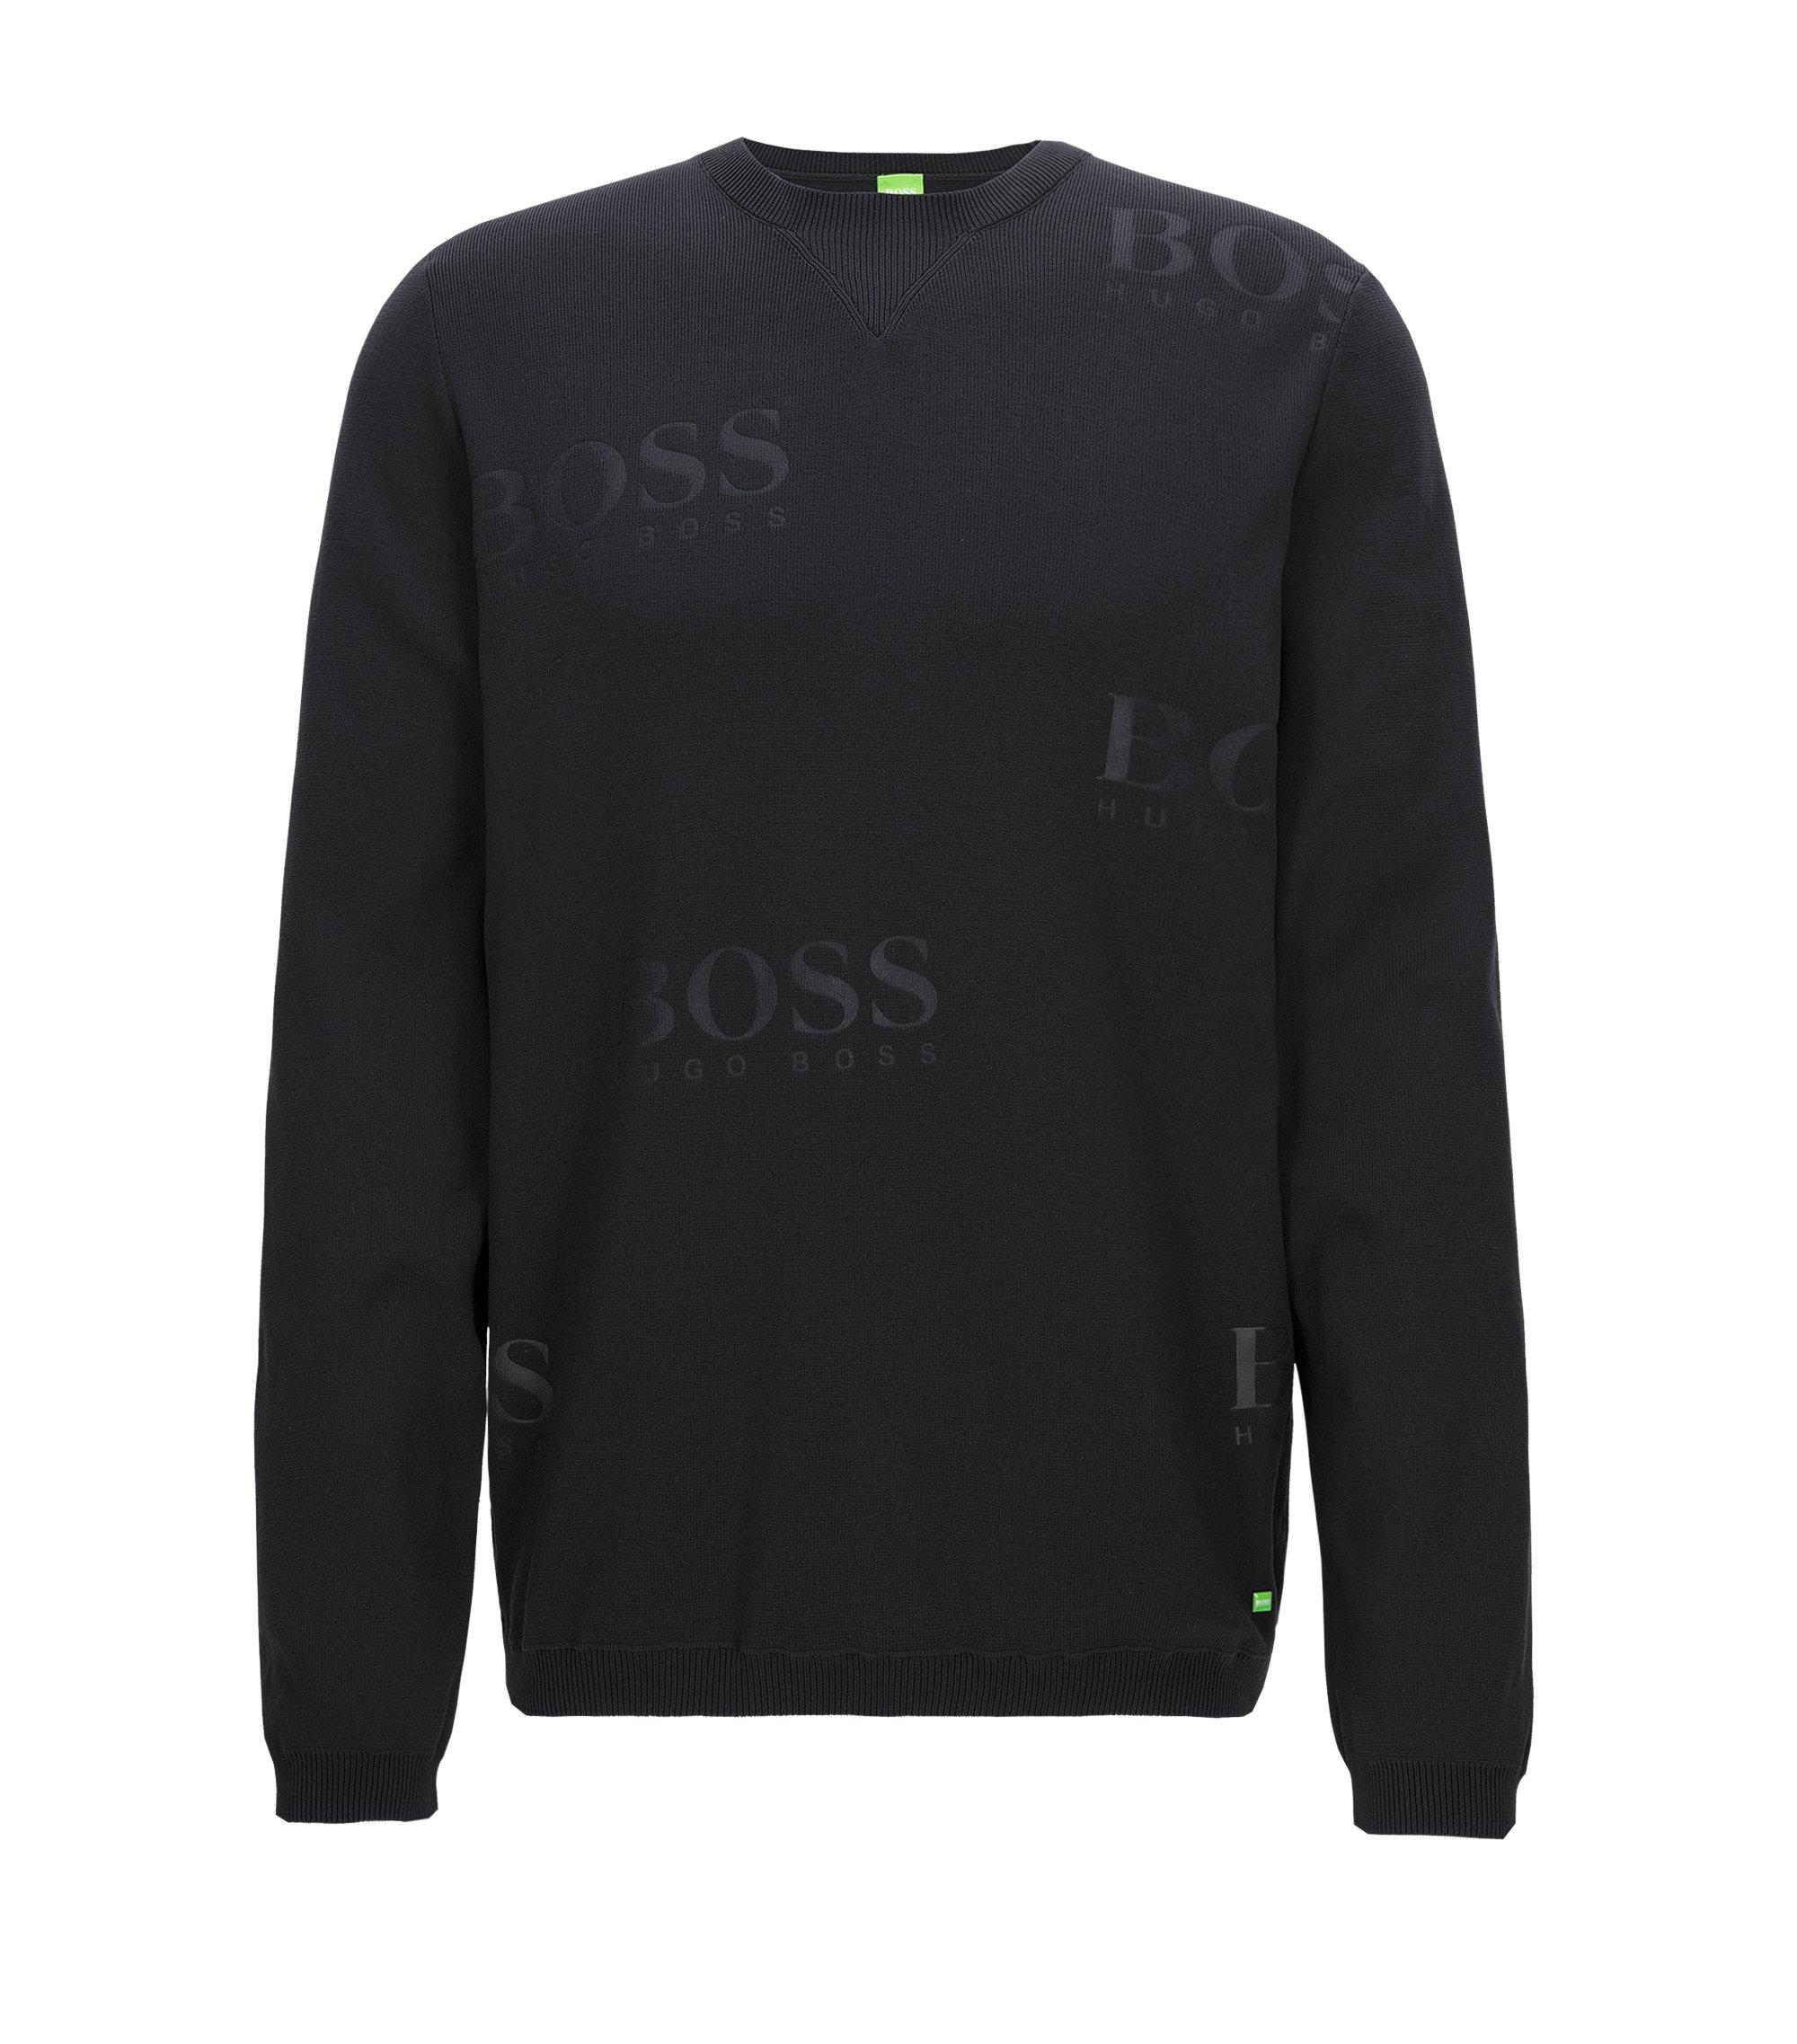 Debossed Sweater | Rhett, Black